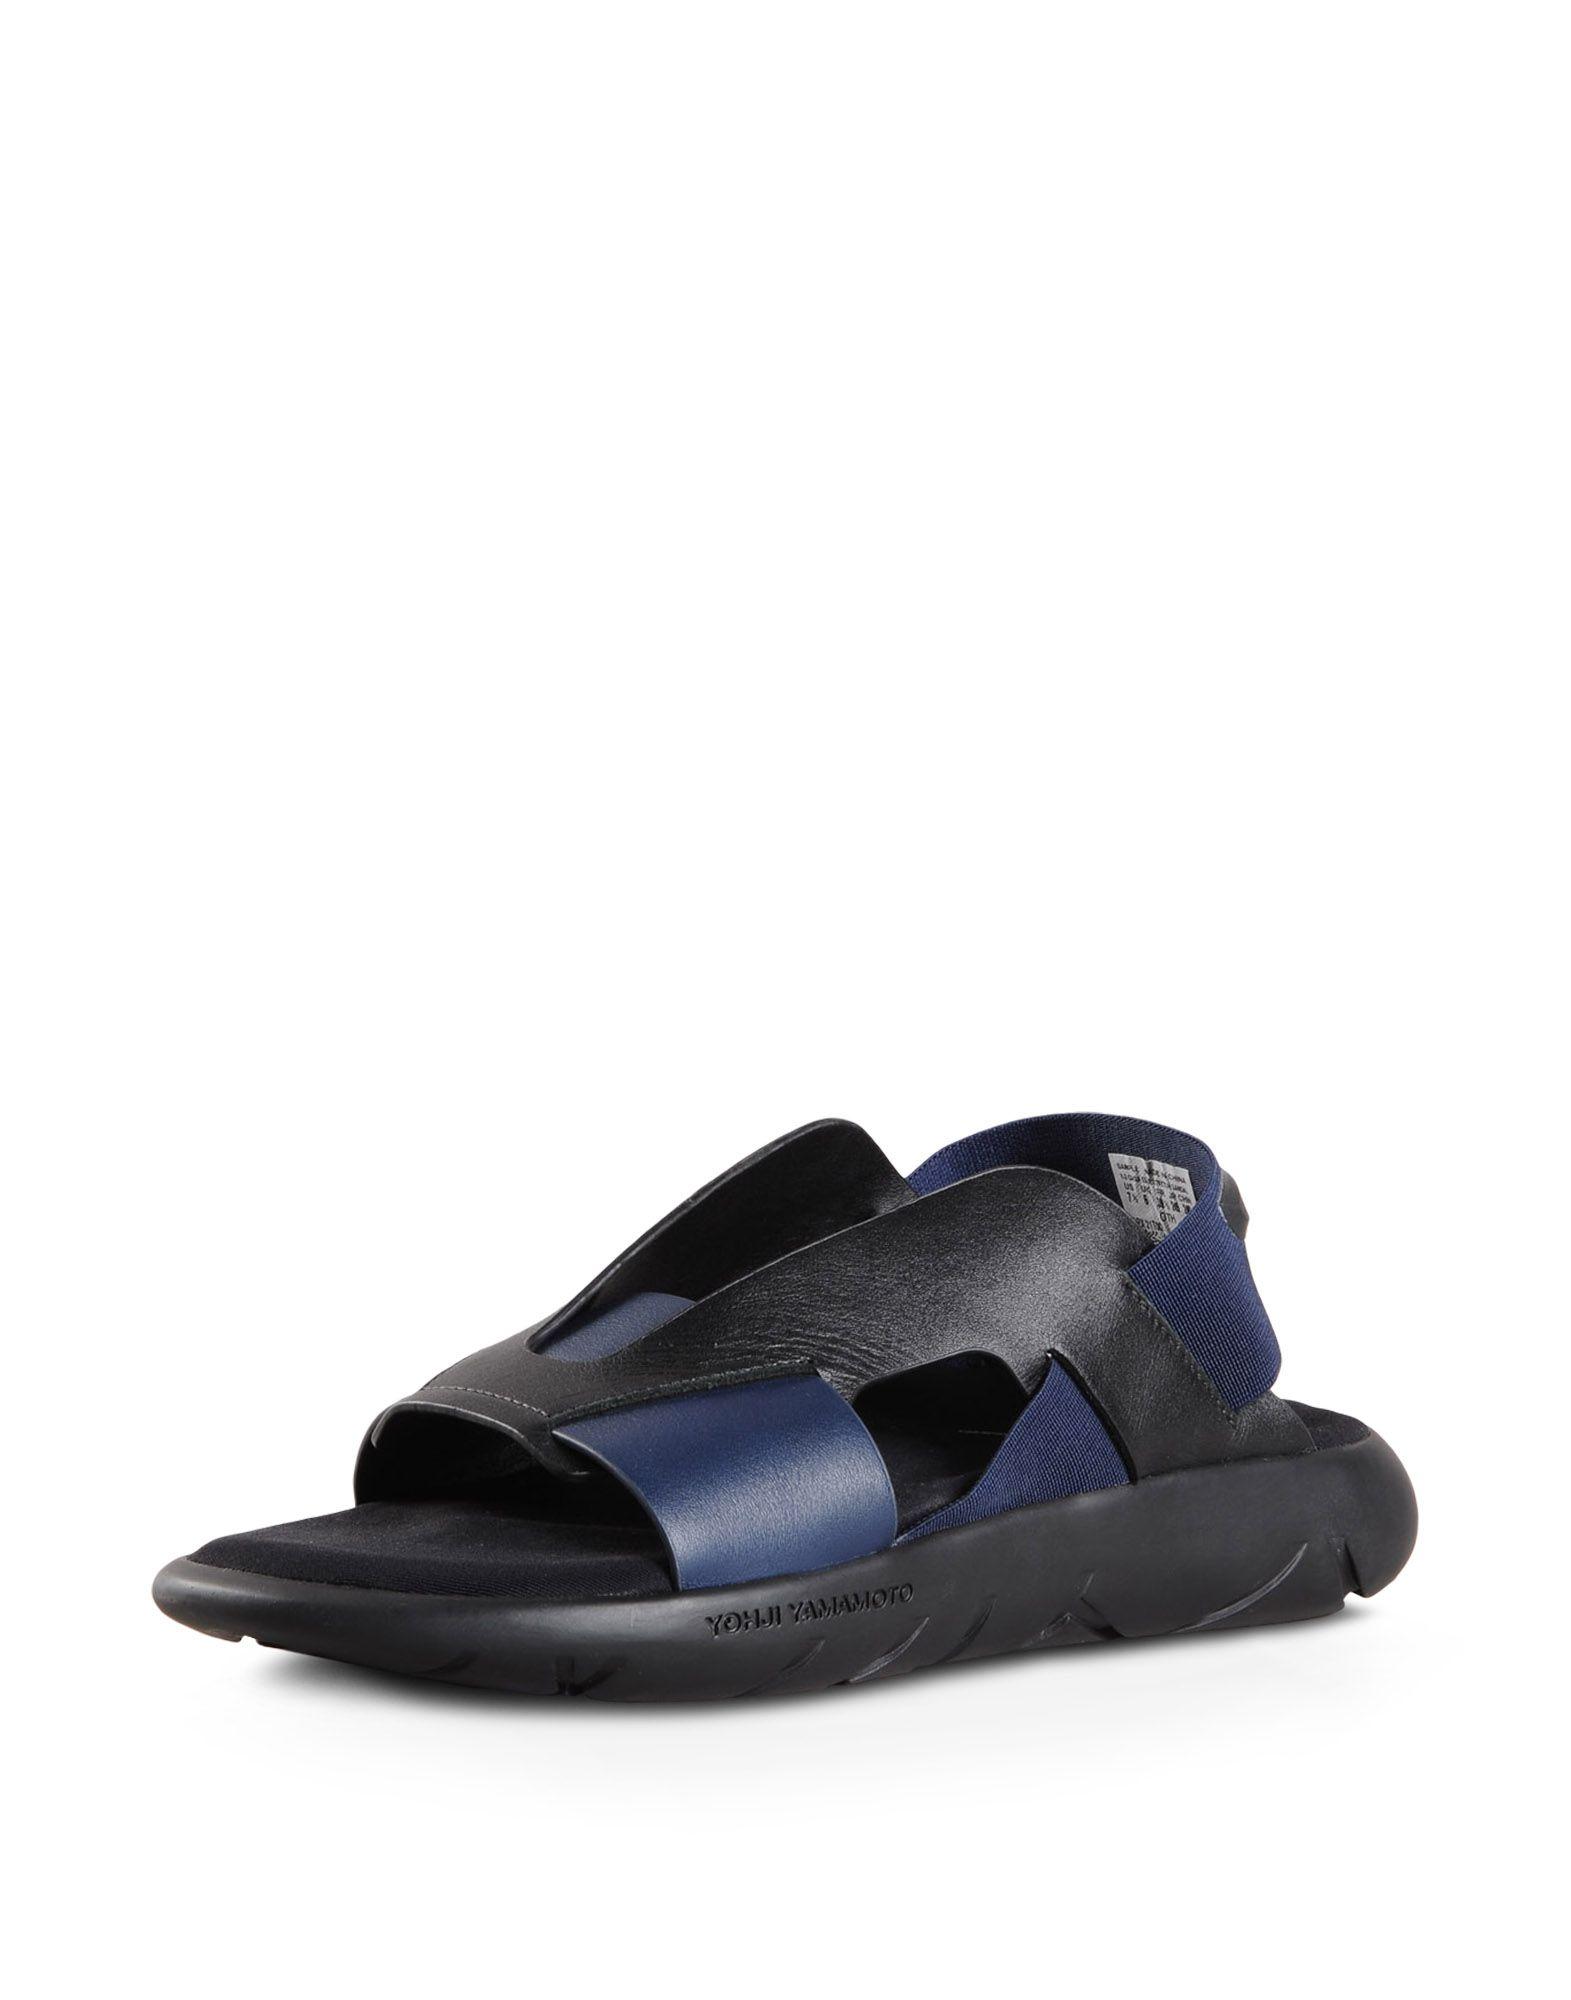 b15324d65 ... Y-3 Y-3 QASA ELLE SANDAL Sandals Woman r ...